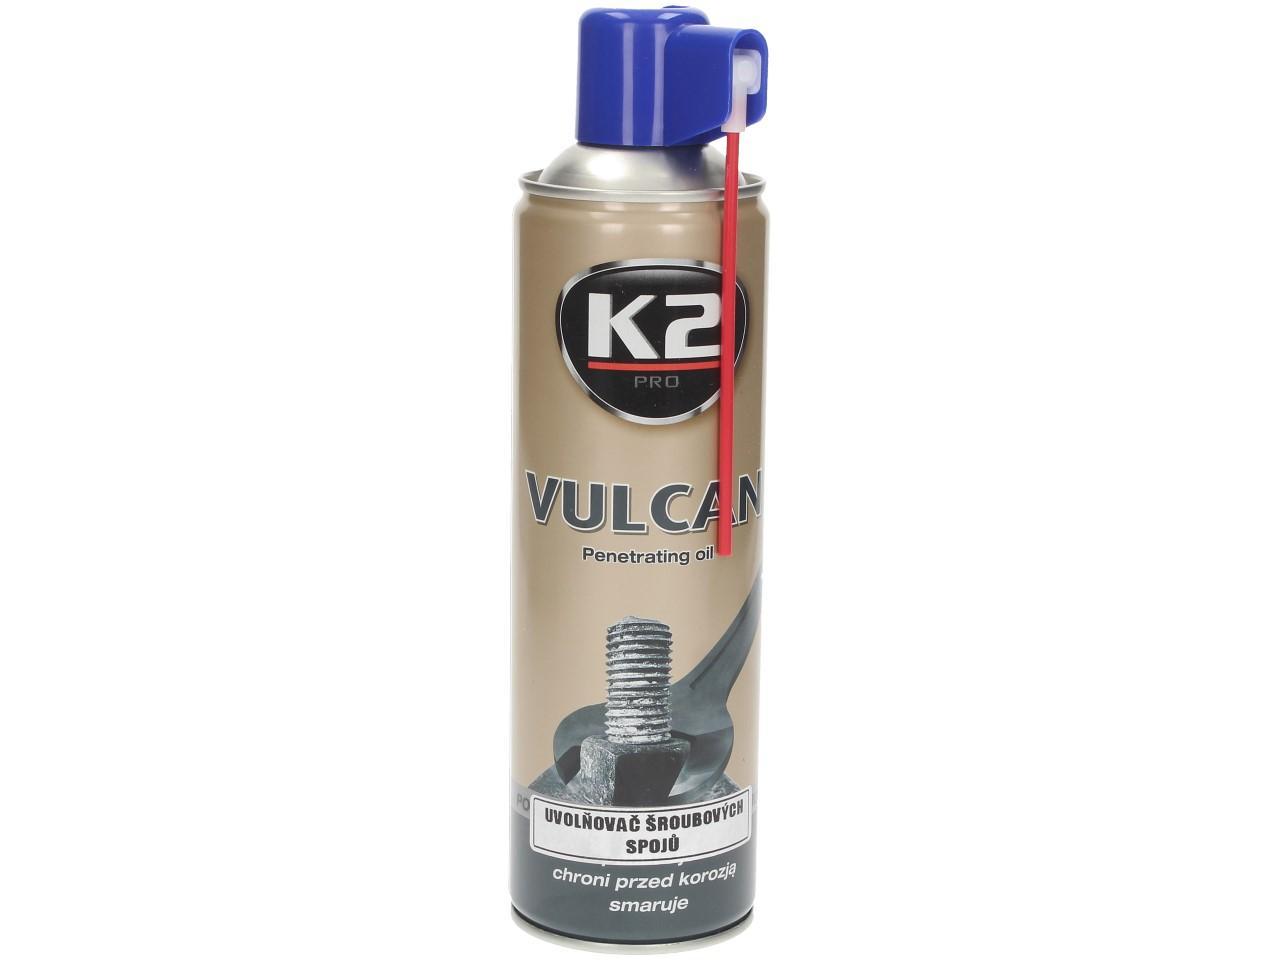 Foto 1 - K2 VULCAN 500 ml - přípravek na uvolňování zarezlých spojů (MOS2 s Graphitem a Cerflonem)  - díky speciální receptůře obohacené o syntetický graphit, MoS2 uvolní i ty nejvíce zarezlé šrouby či matice. Doporučujeme vyzkoušet!